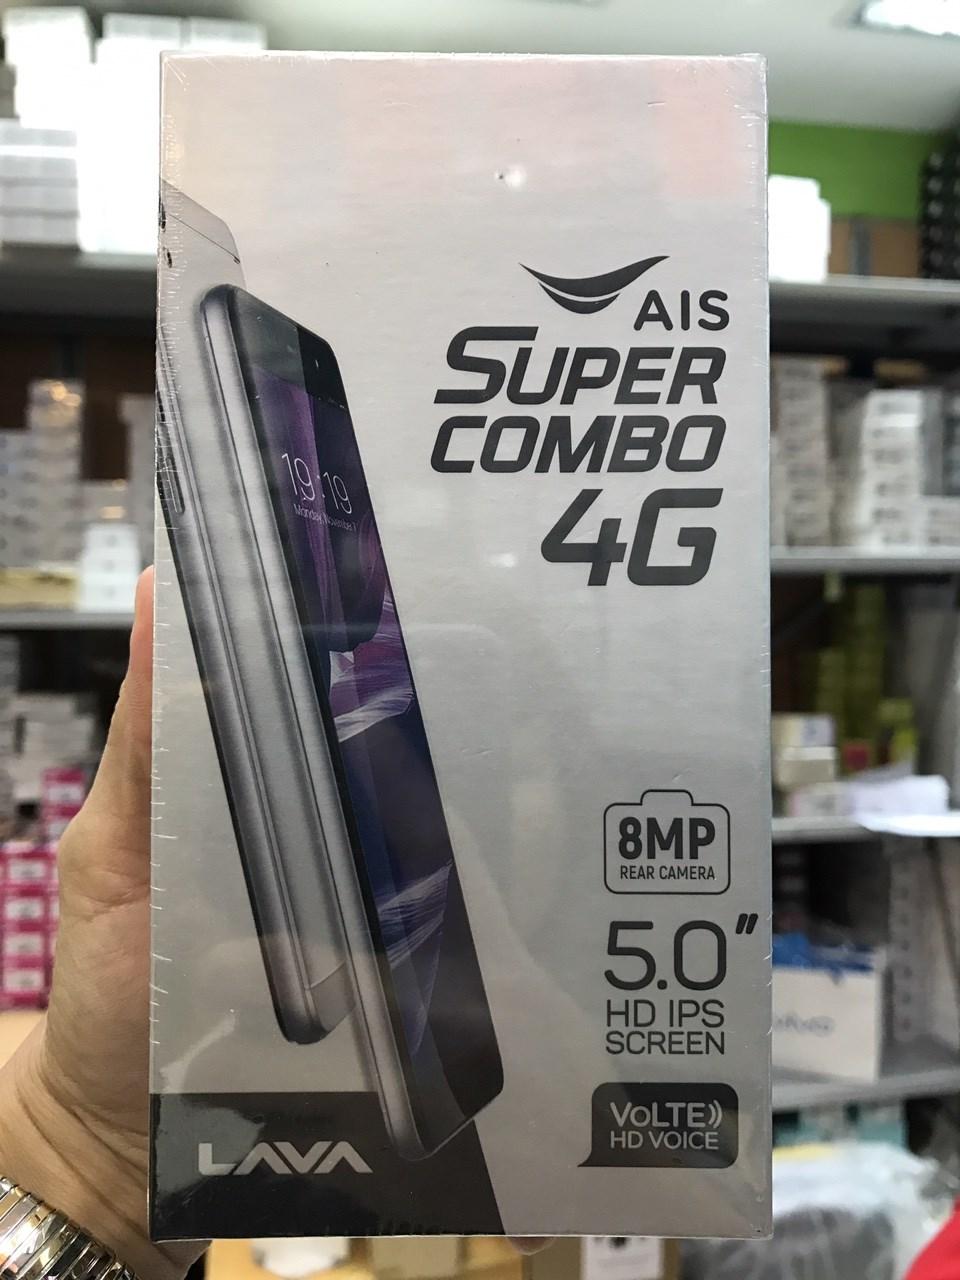 AIS Super Combo LAVA 880 4G VoLTE